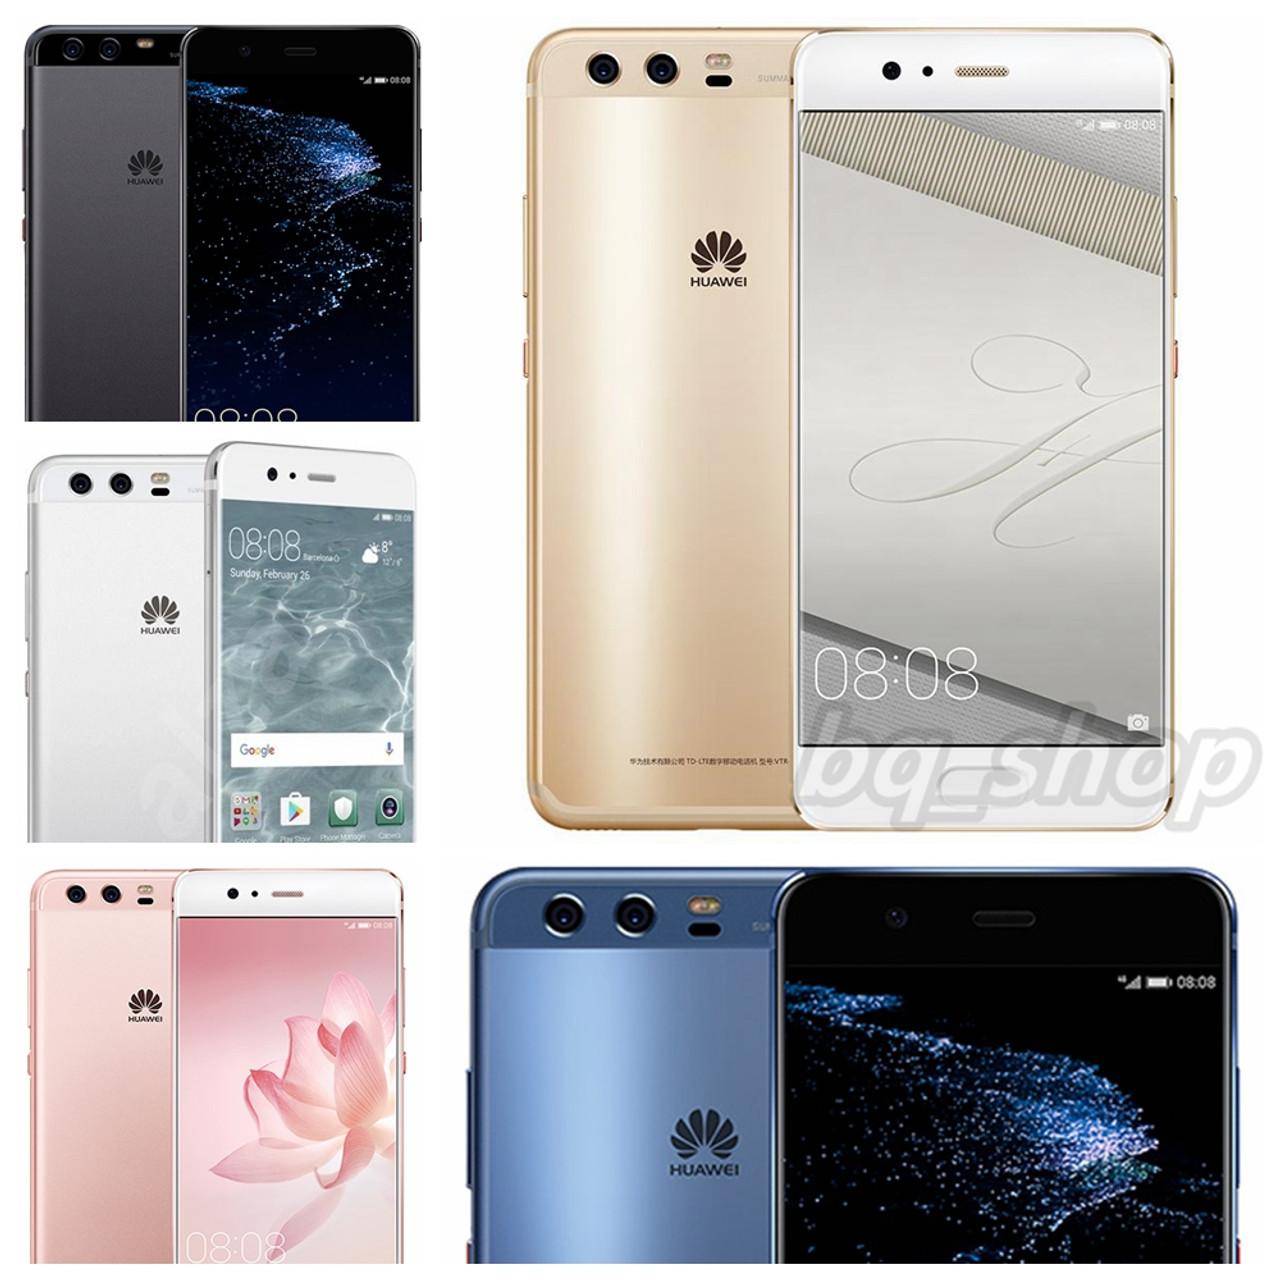 a924b22e68b6f Huawei P10 Plus Dual SIM 5.5